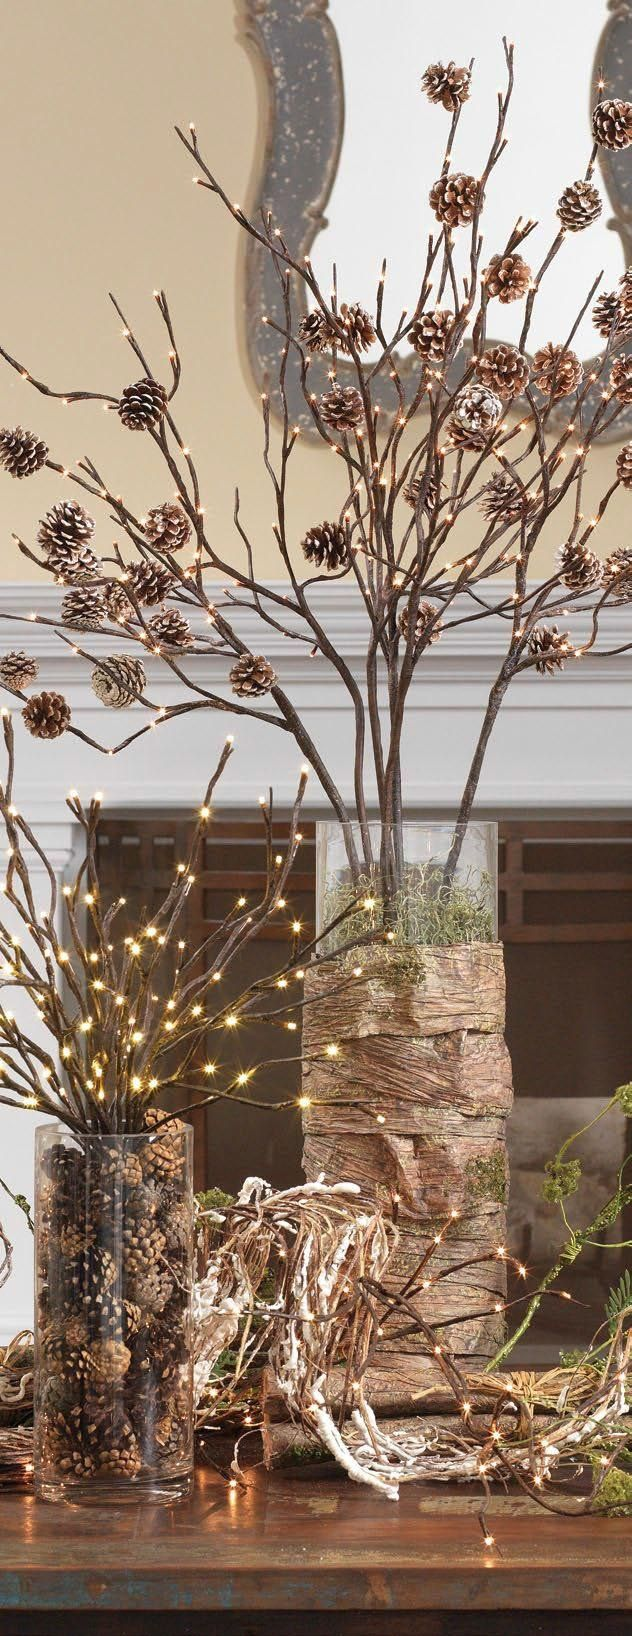 Liebst+Du+den+Herbst+auch+so+sehr?+Wir+zeigen+Dir+35+wunderschöne+Bastelideen+mit+Tannenzapfen+…!